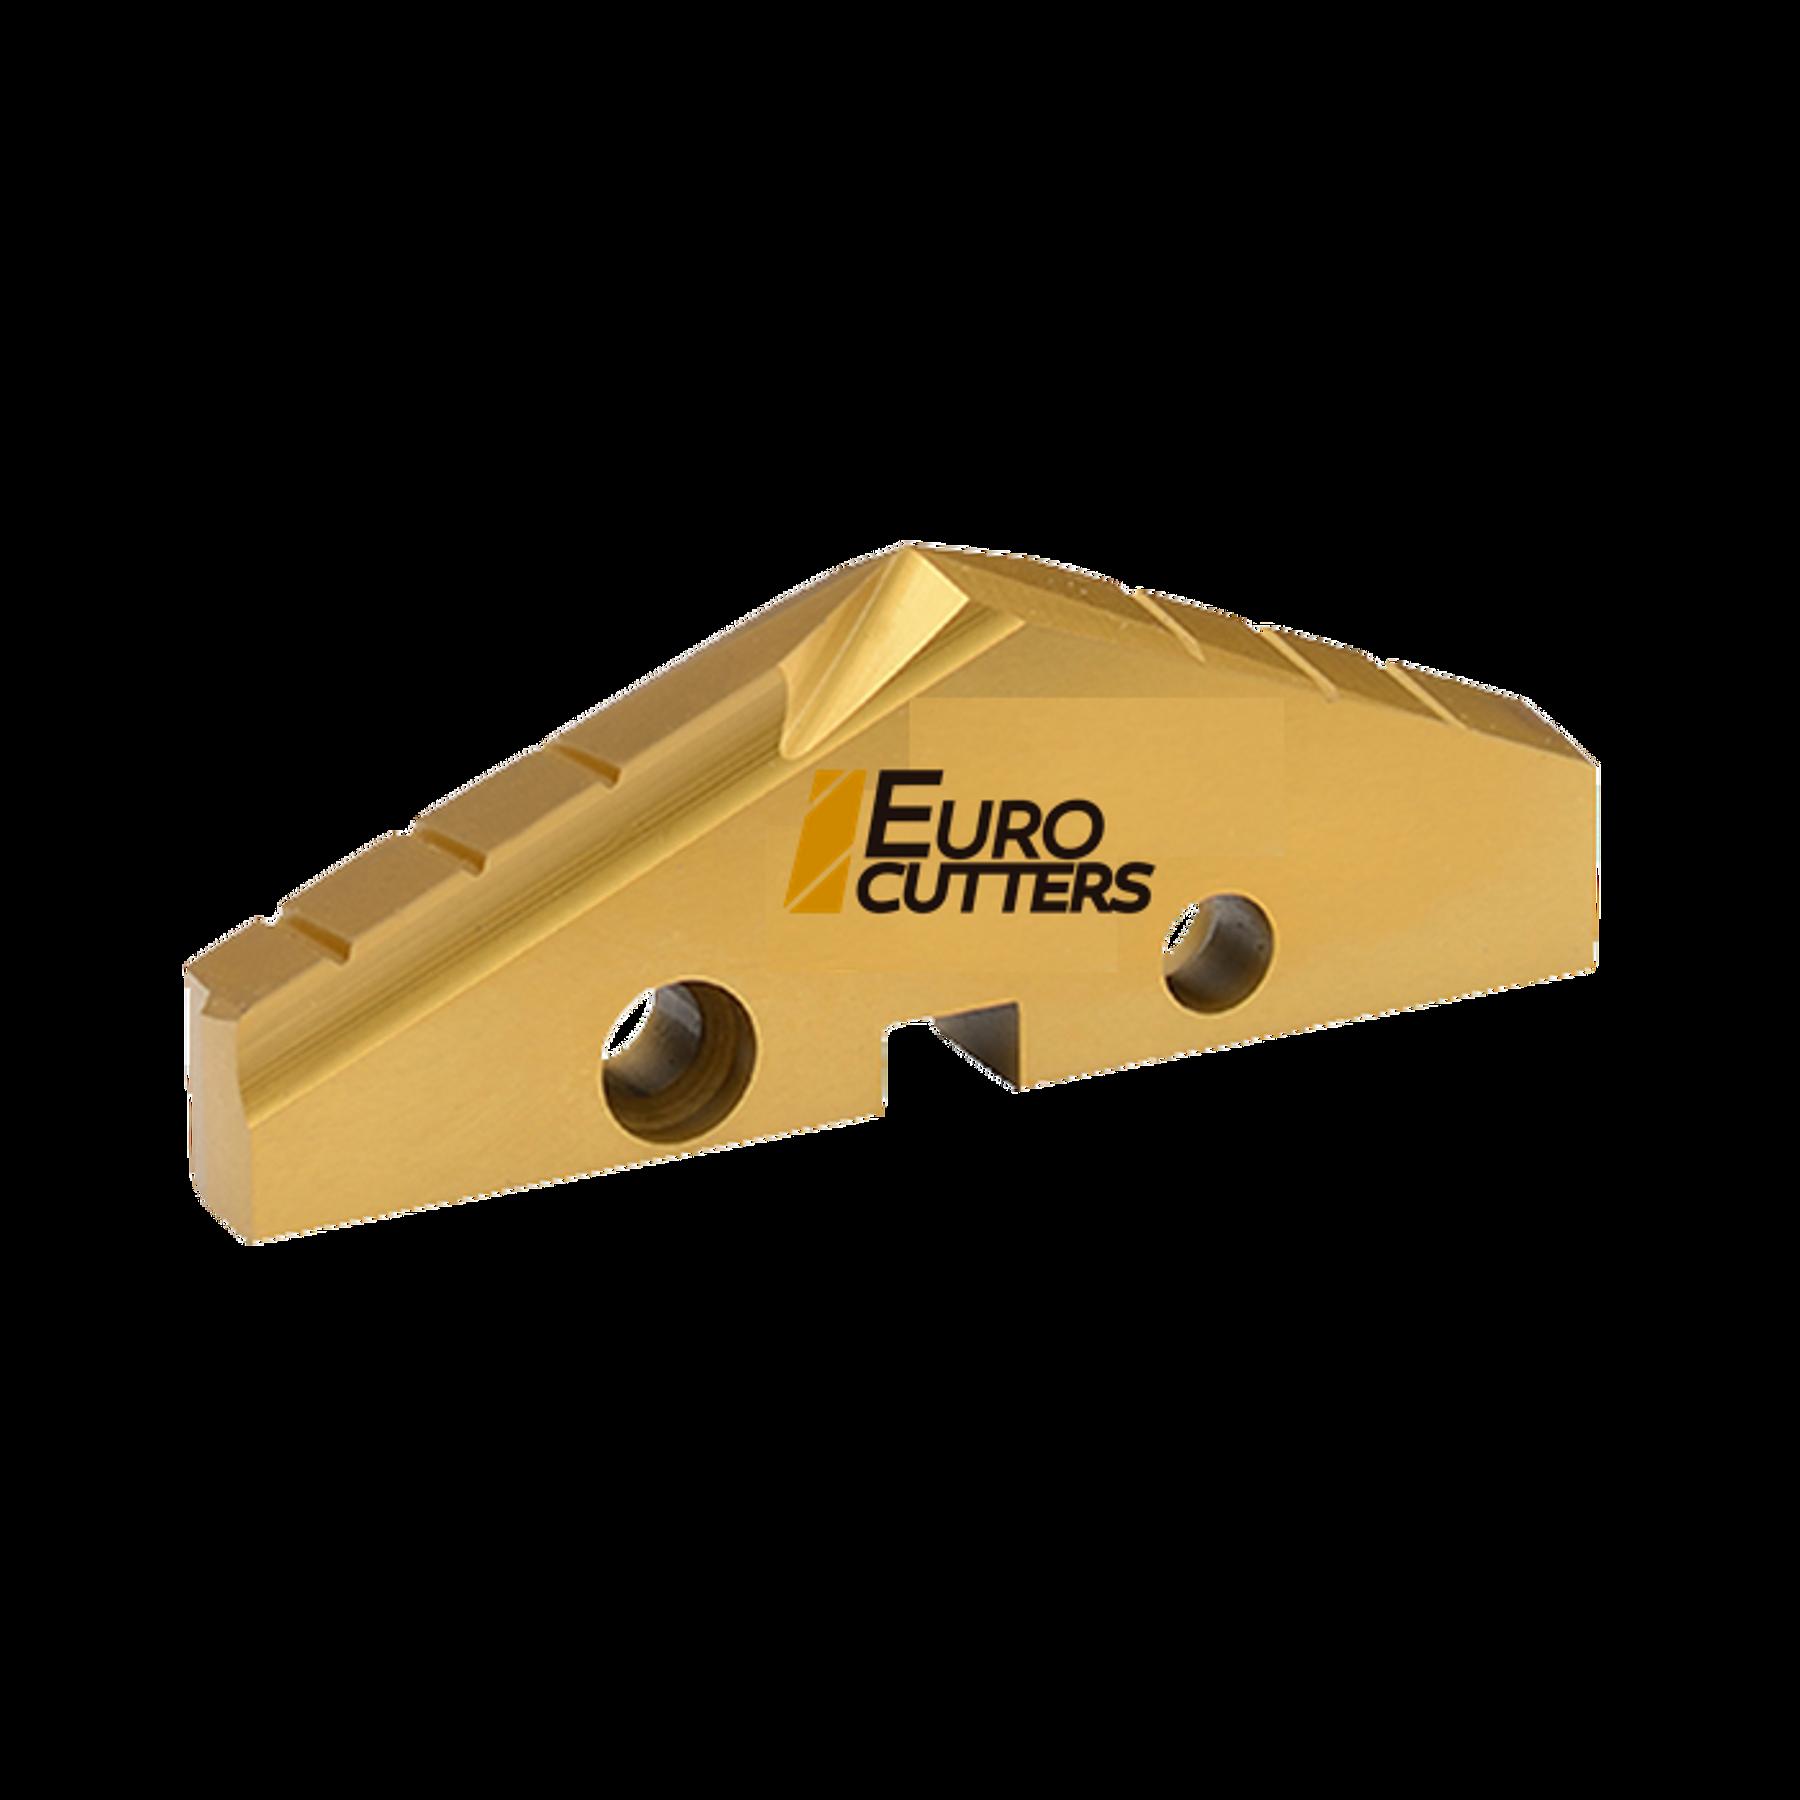 Inserto Eurocutter Hss Broca 27mm SP-0-M0270-25XH